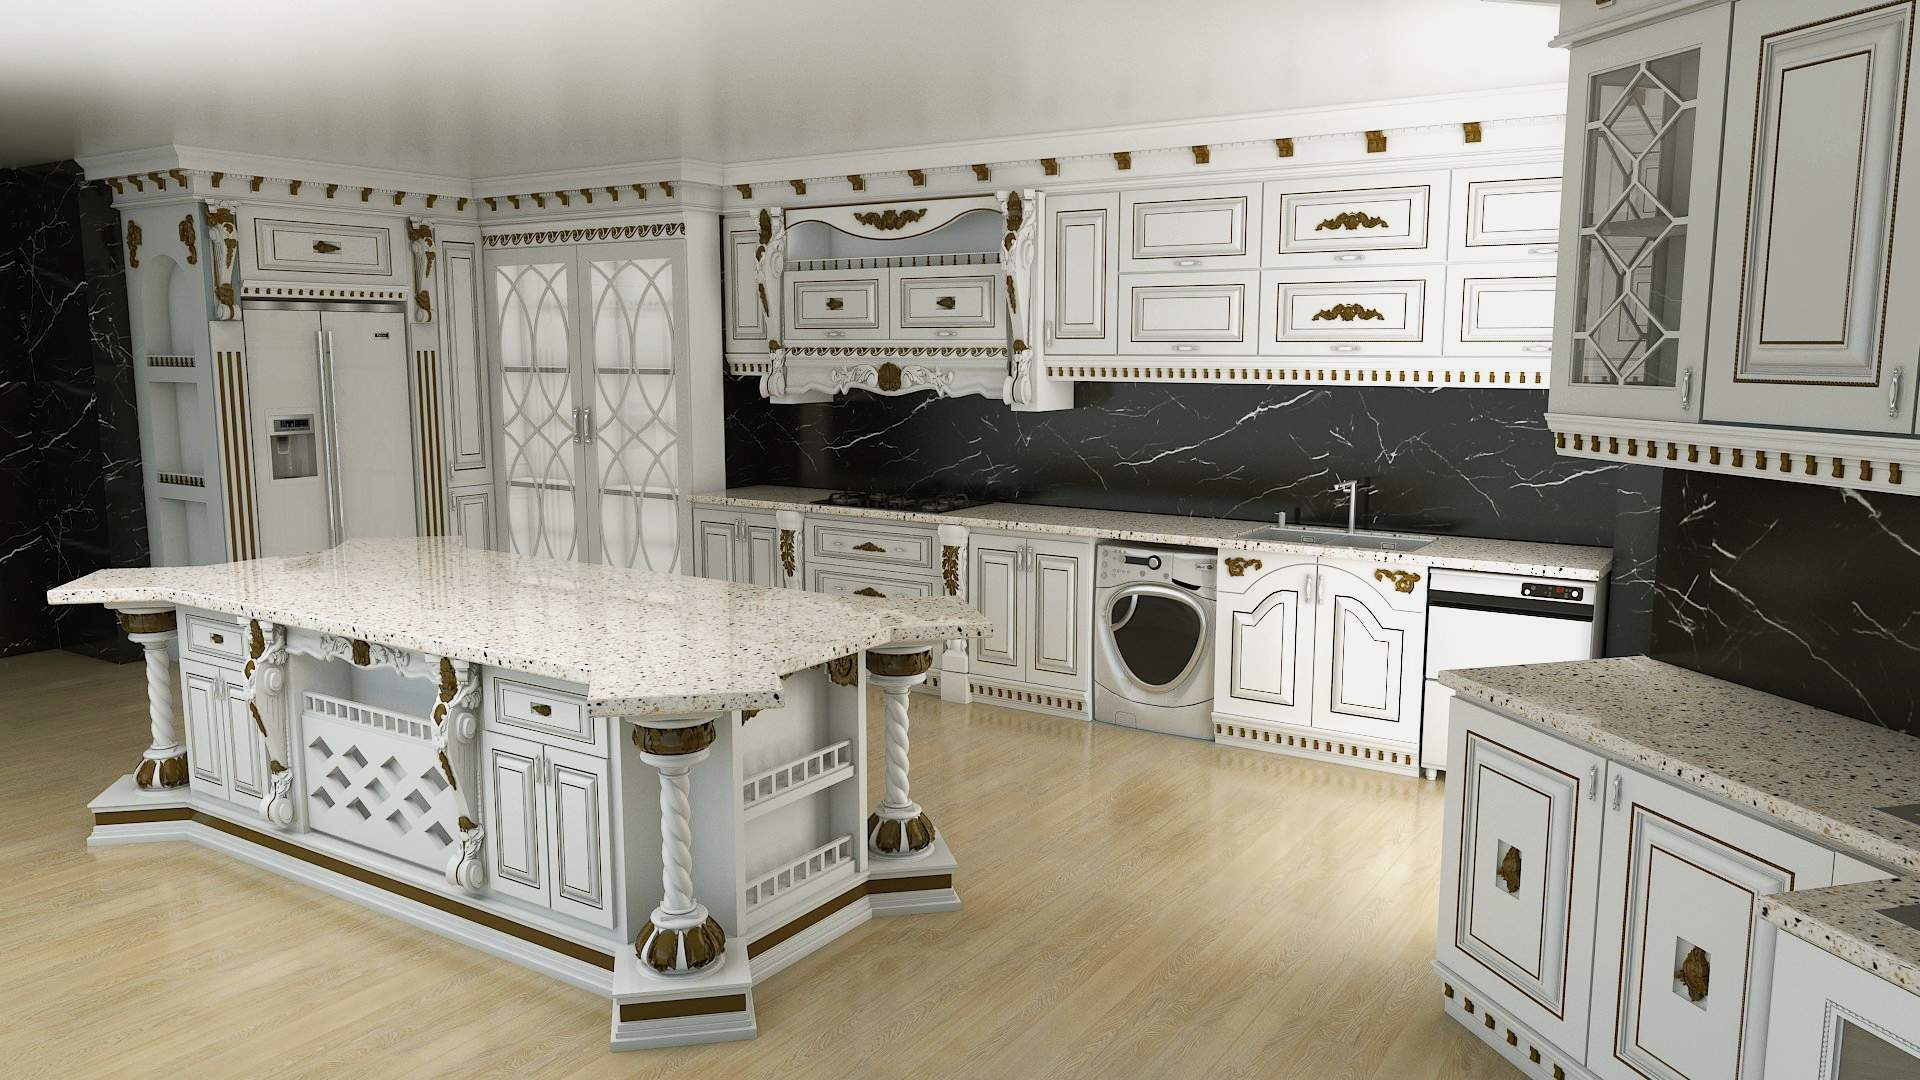 انواع کابینت کلاسیک,خرید کابینت کلاسیک,طراحی و ساخت کابینت کلاسیک,